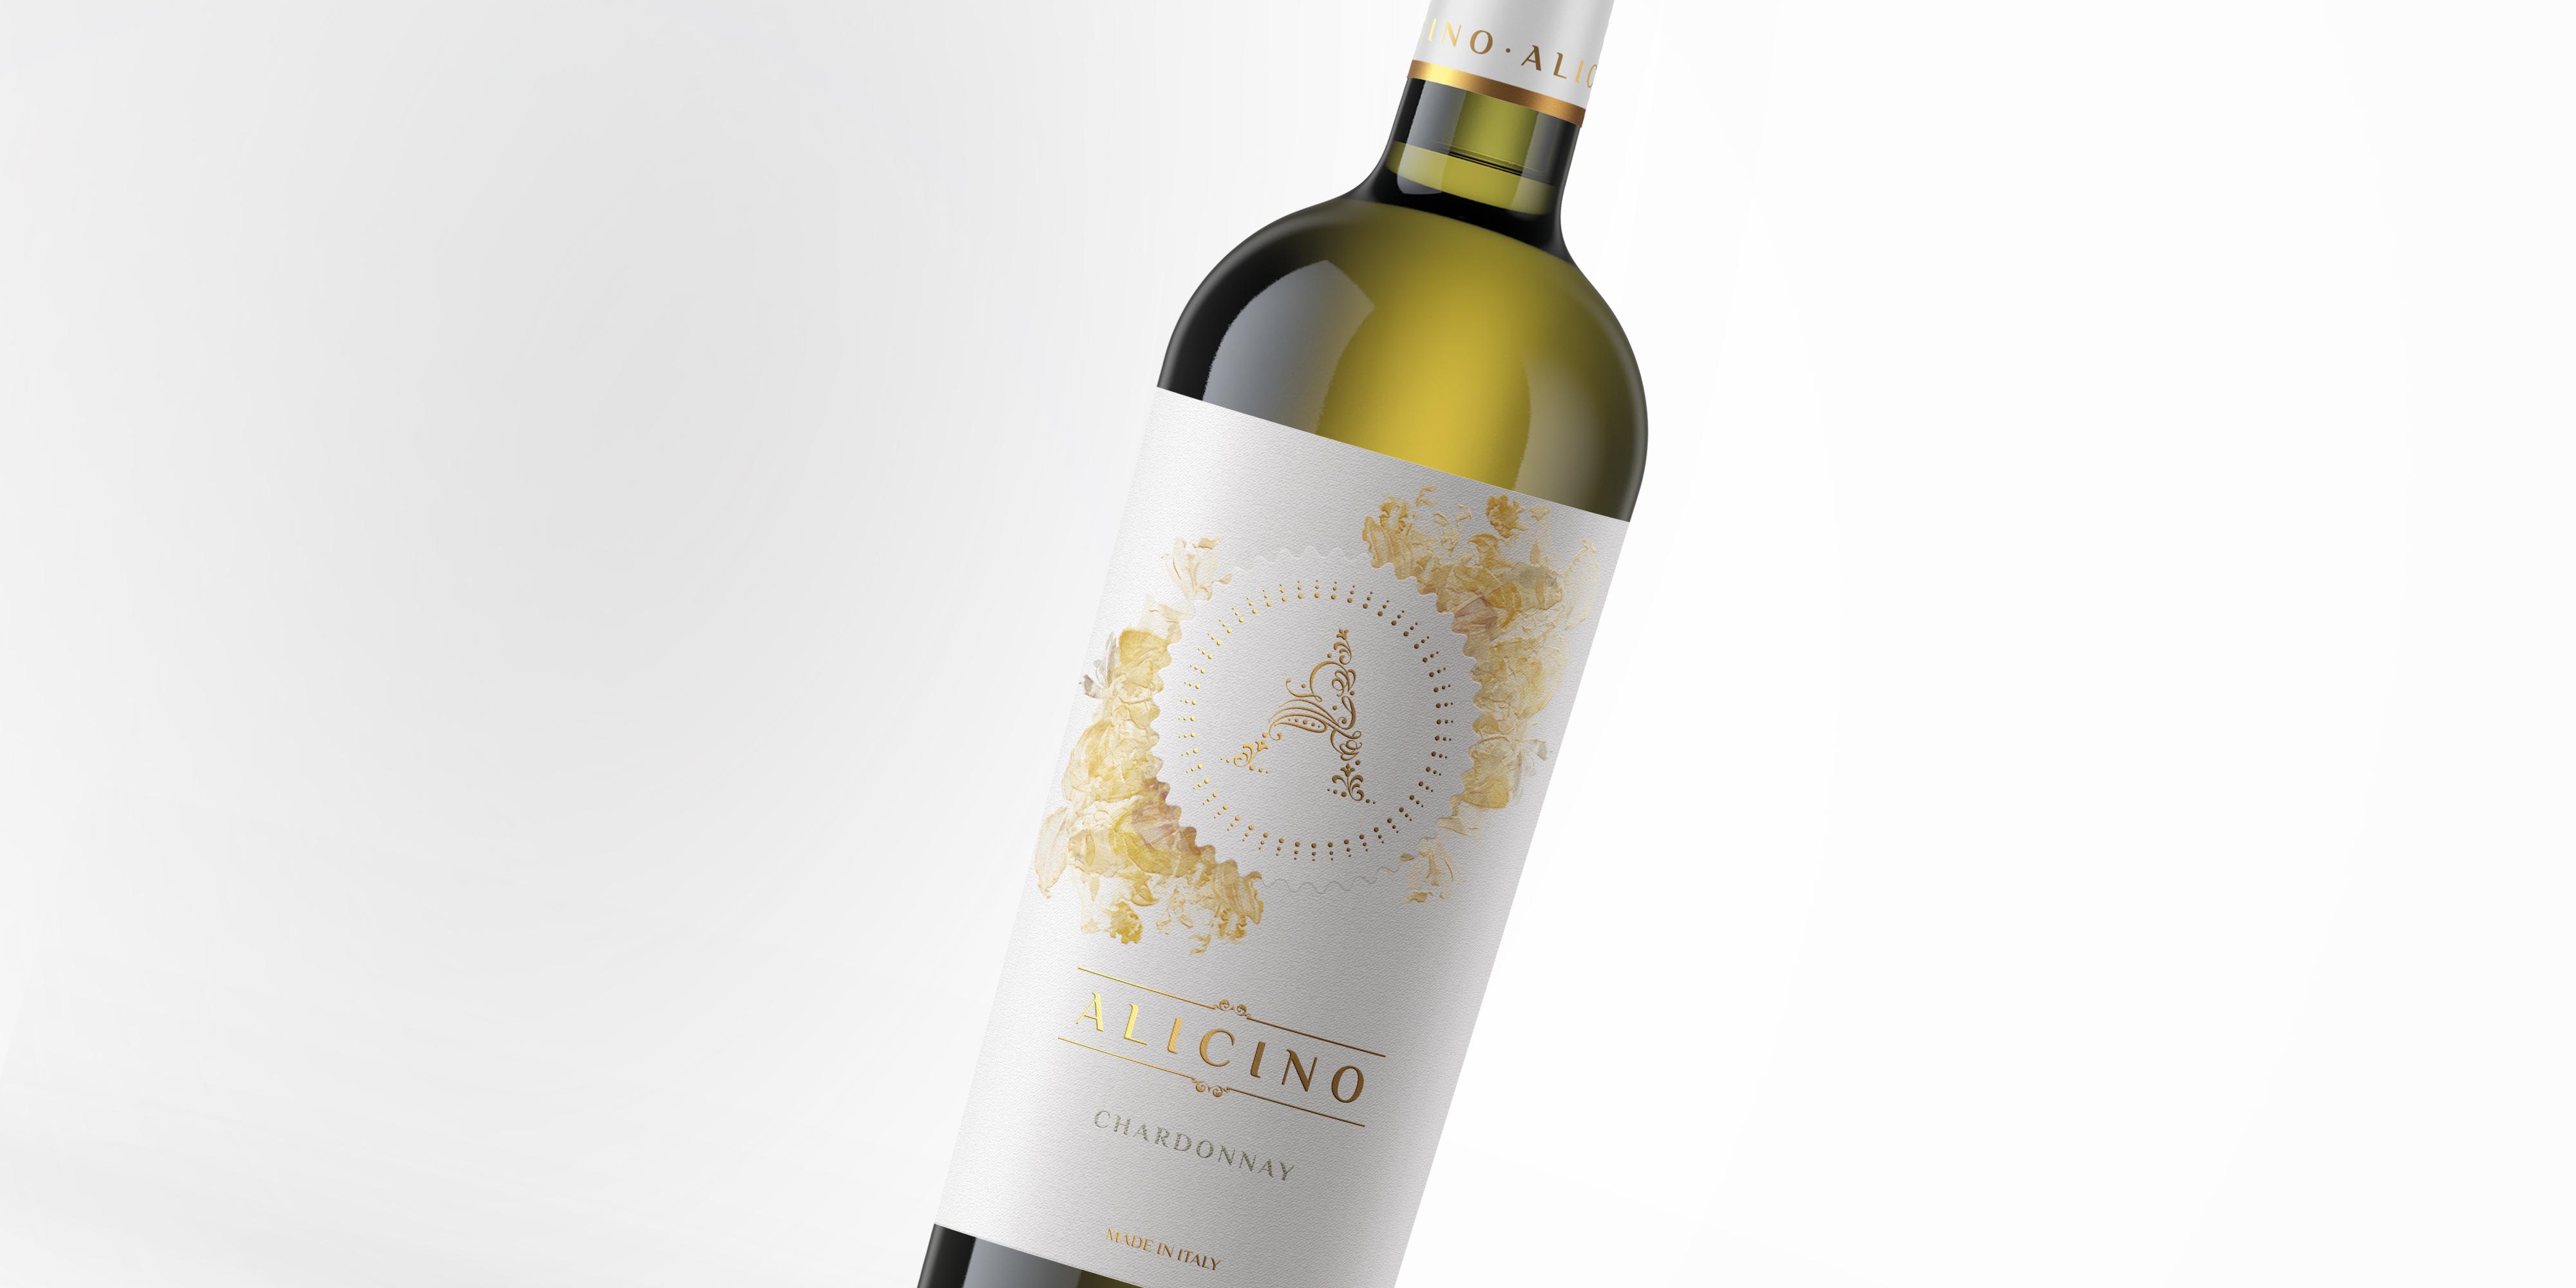 disegno etichetta vino alicino chardonnay armoder